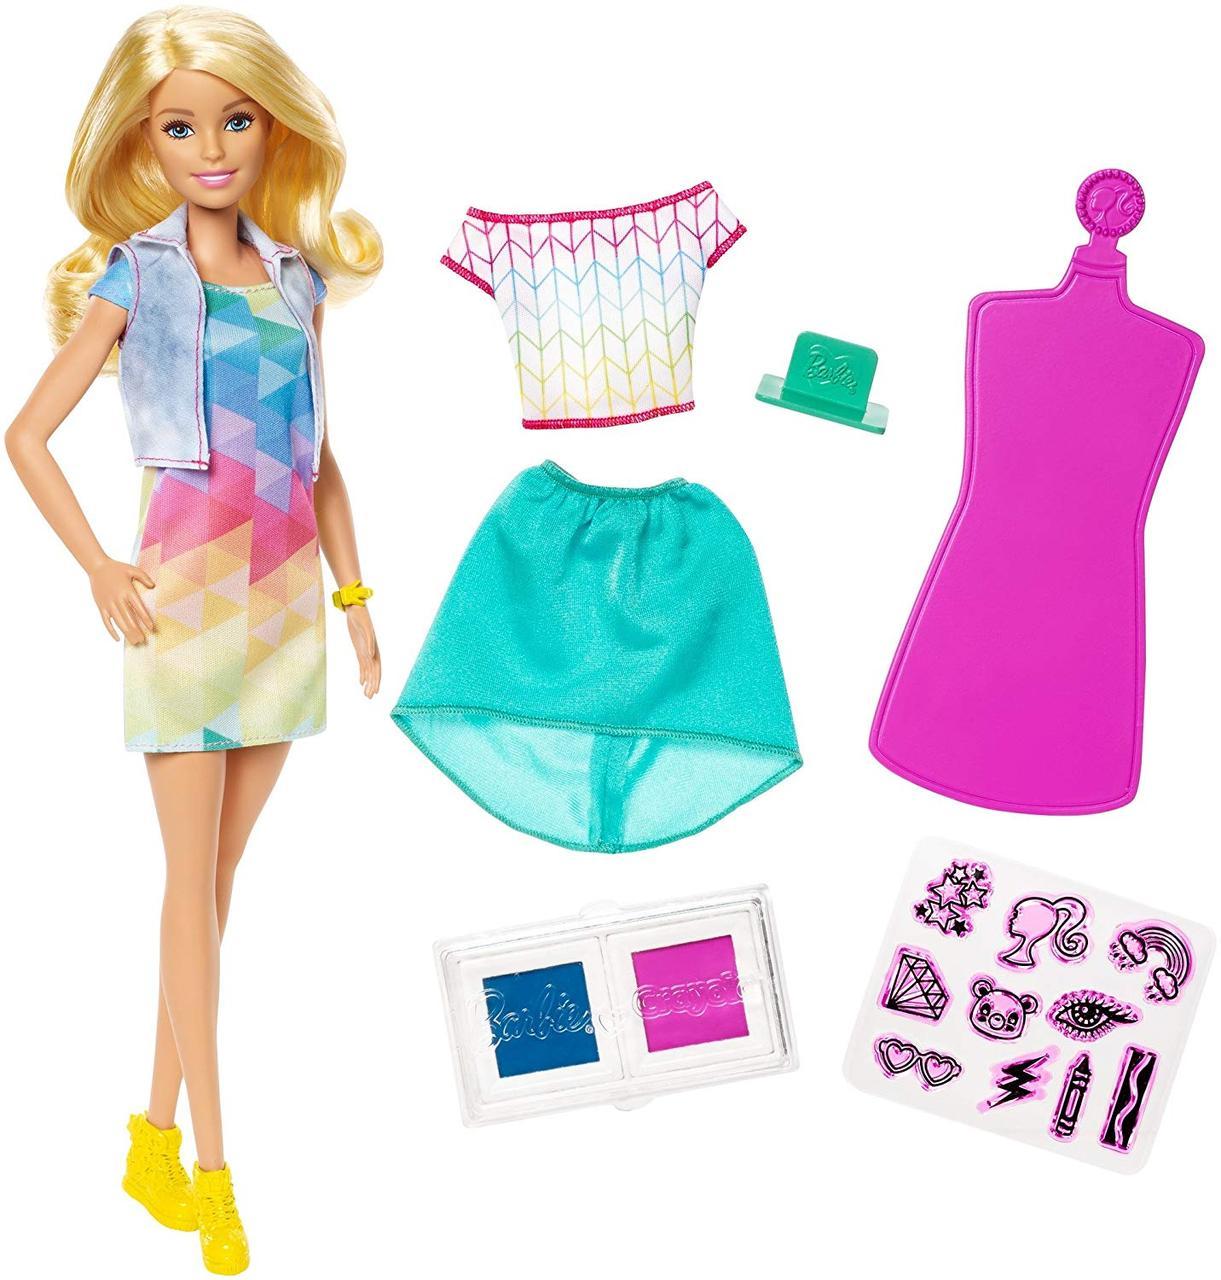 Кукла Барби Дизайнер цветной штамп Barbie Crayola Color Stamp Fashions Set Blonde